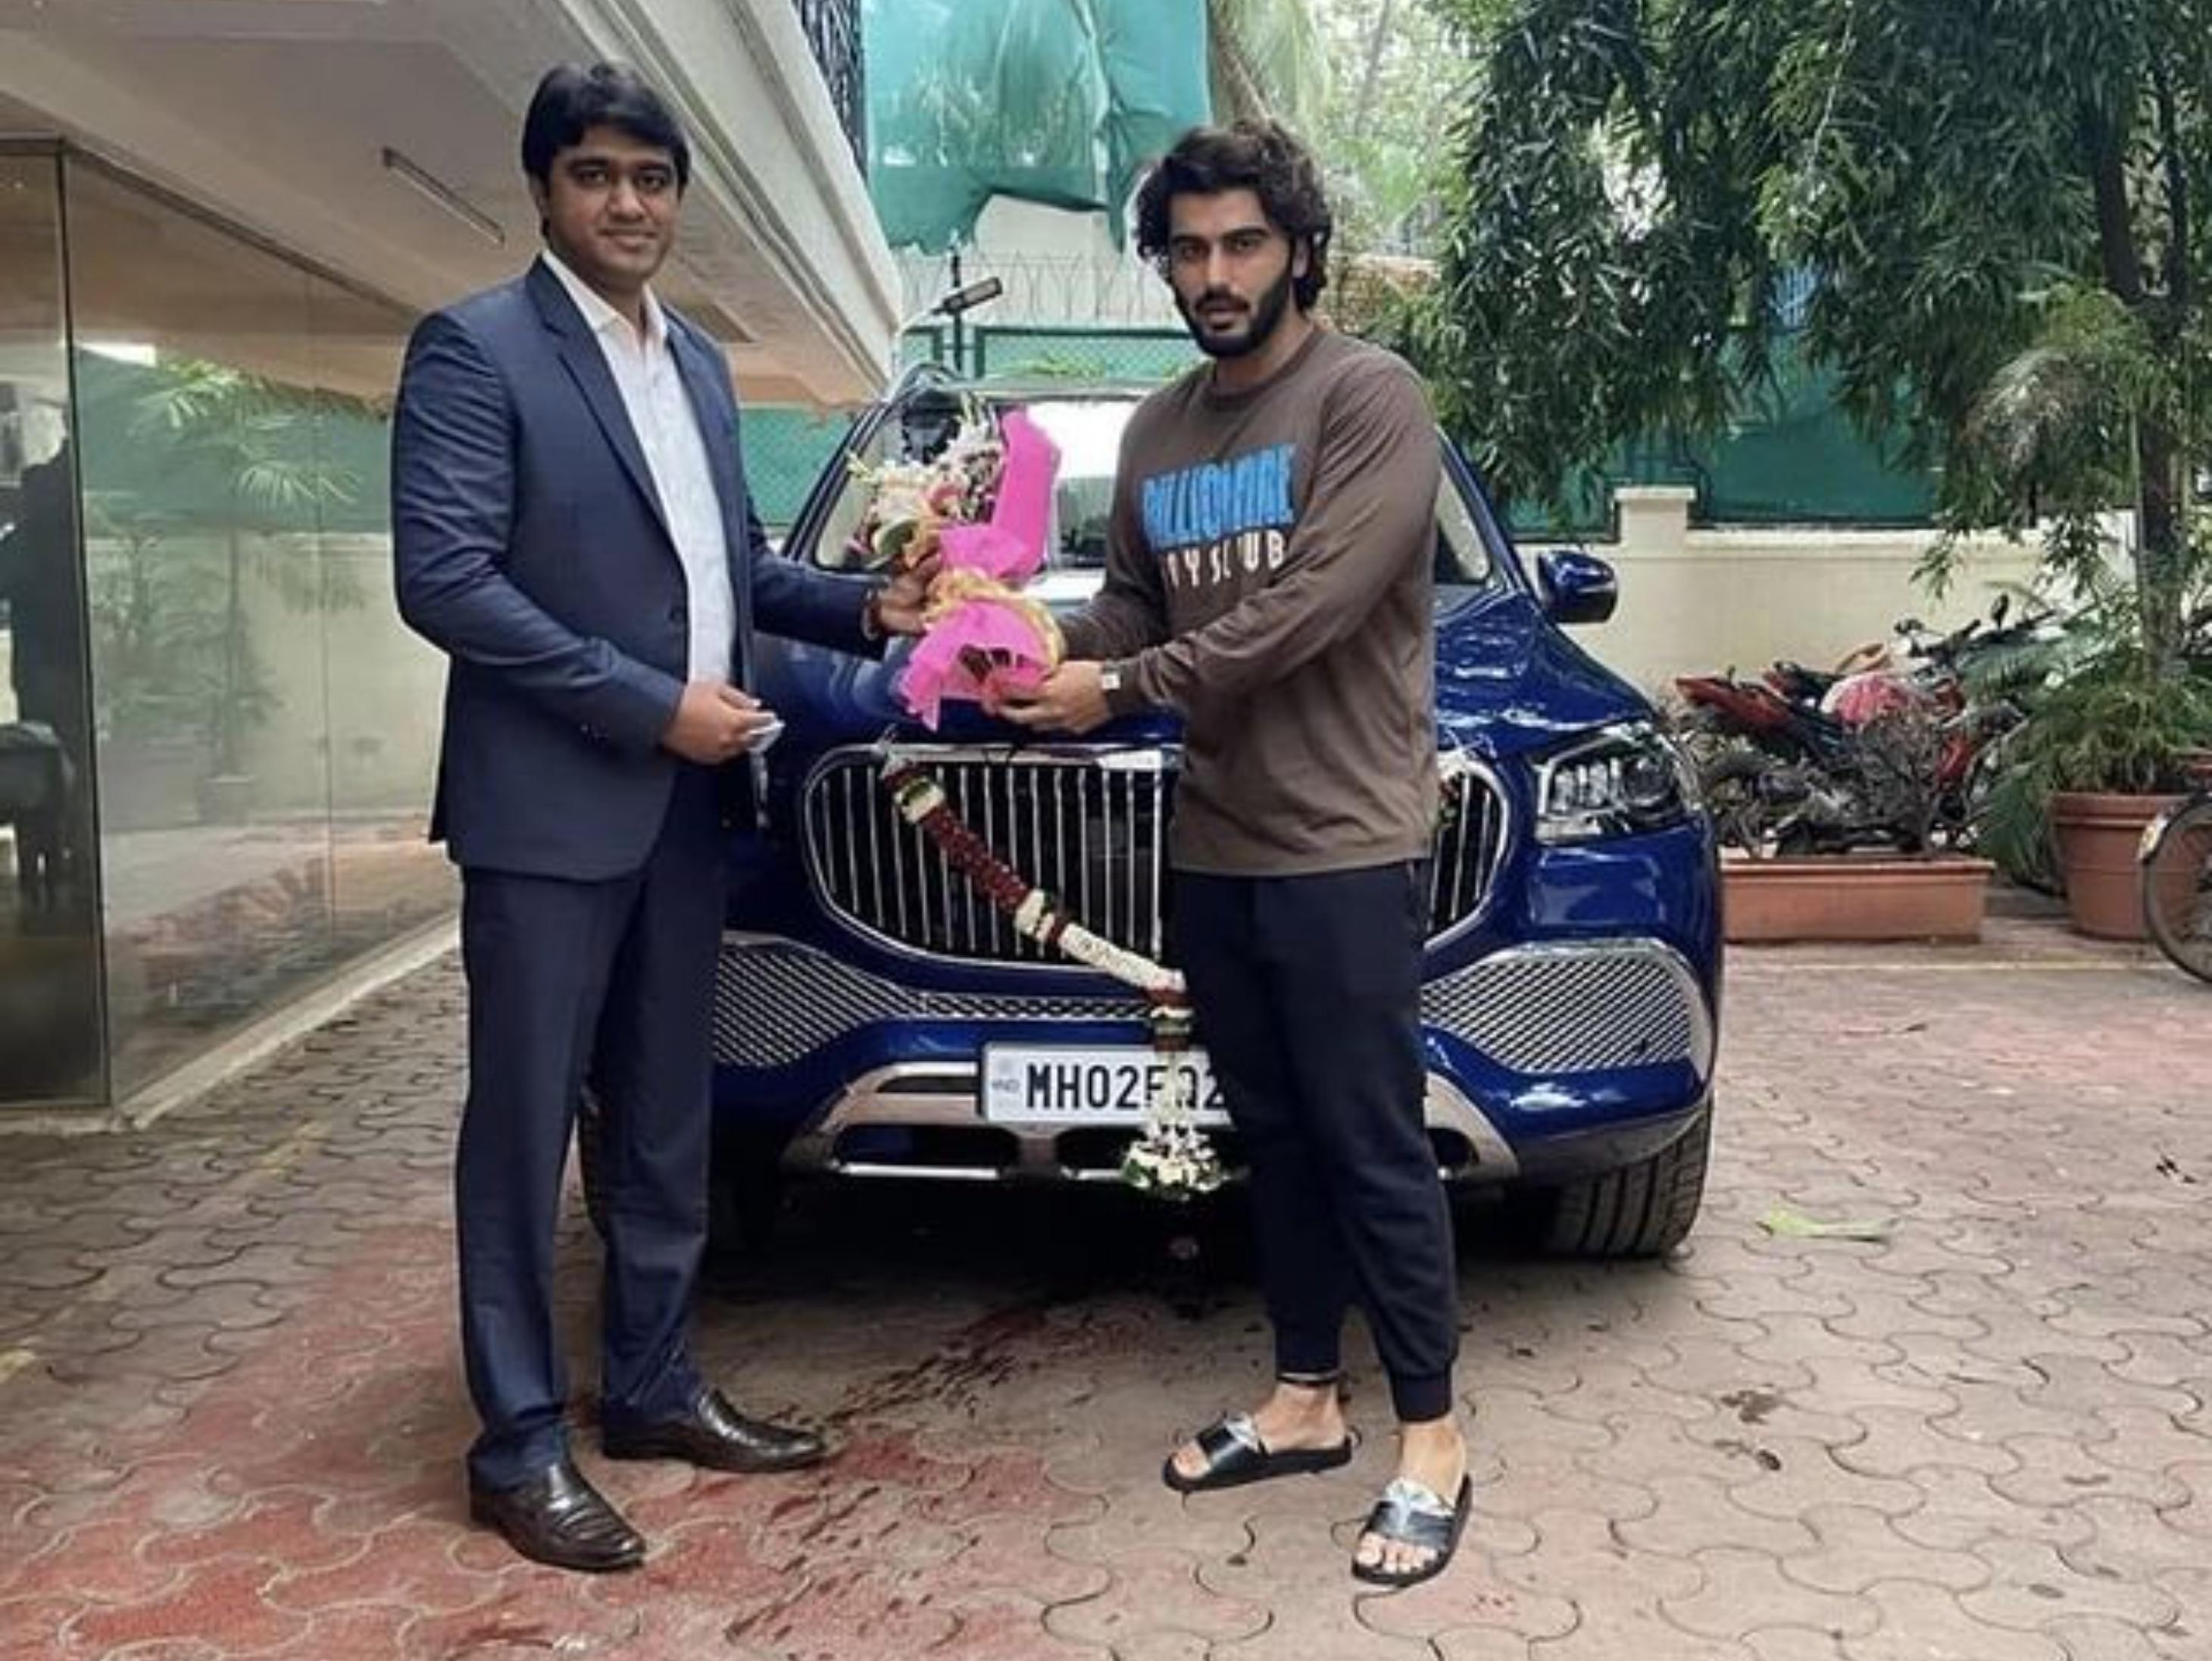 अर्जुन कपूर ने लैंड रोवर डिफेंडर के बाद खरीदी 2.43 करोड़ की मर्सिडीज मेबेक, कुछ महीनों पहले इसी कार में रणवीर सिंह के साथ दिखे थे बॉलीवुड,Bollywood - Dainik Bhaskar